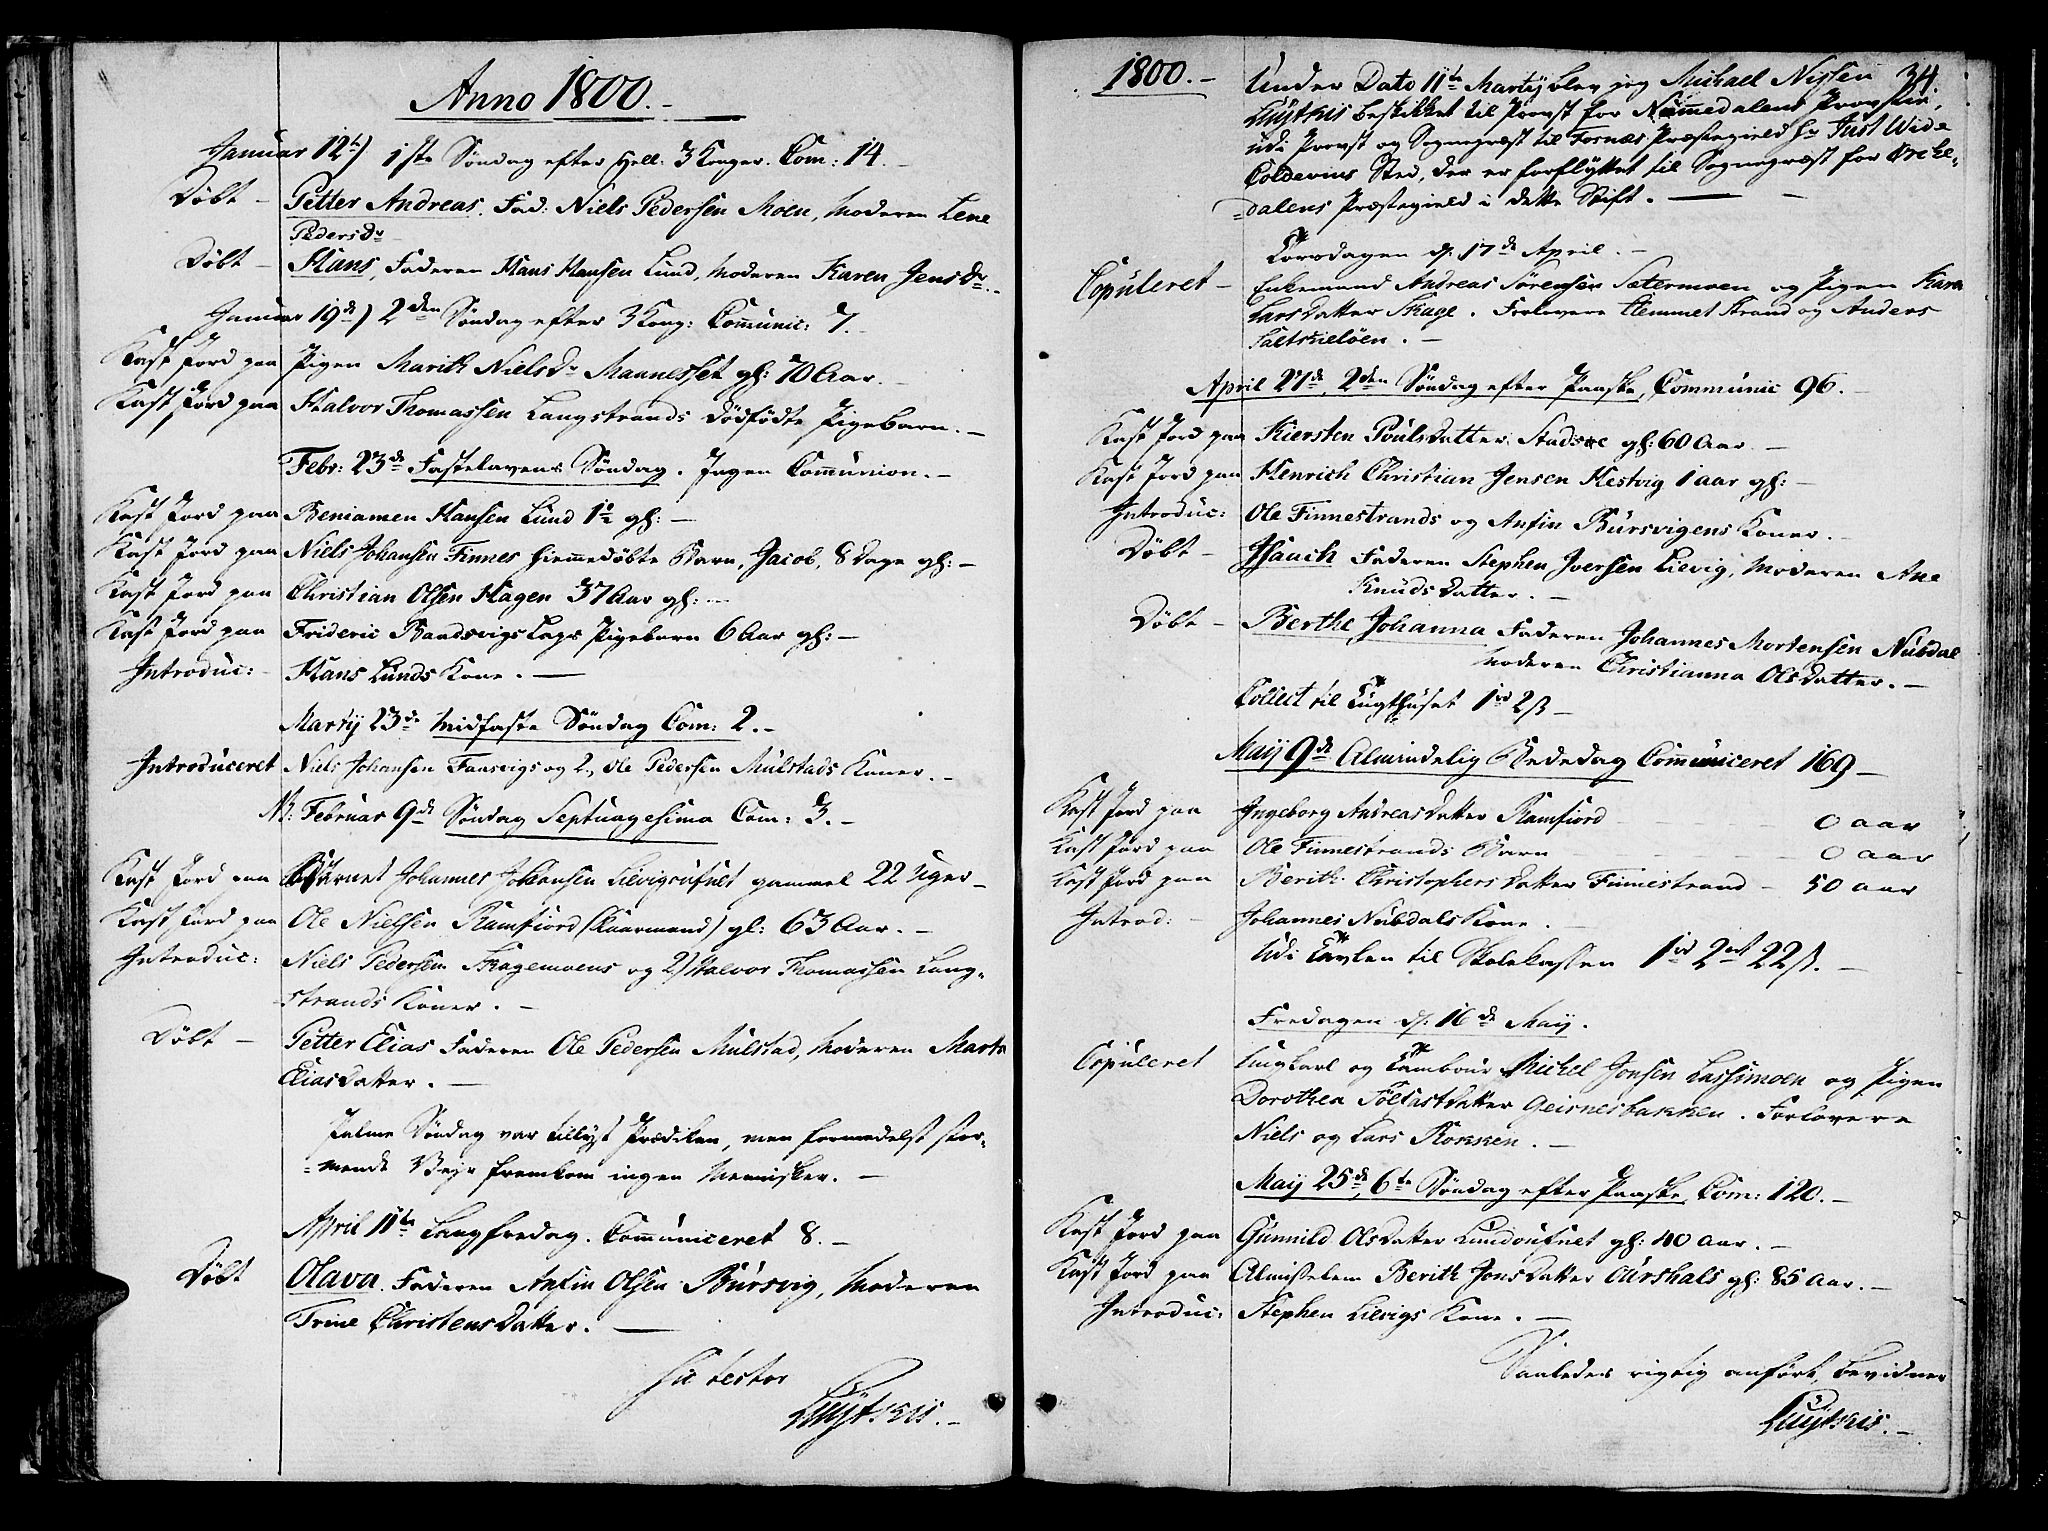 SAT, Ministerialprotokoller, klokkerbøker og fødselsregistre - Nord-Trøndelag, 780/L0633: Ministerialbok nr. 780A02 /1, 1787-1814, s. 34